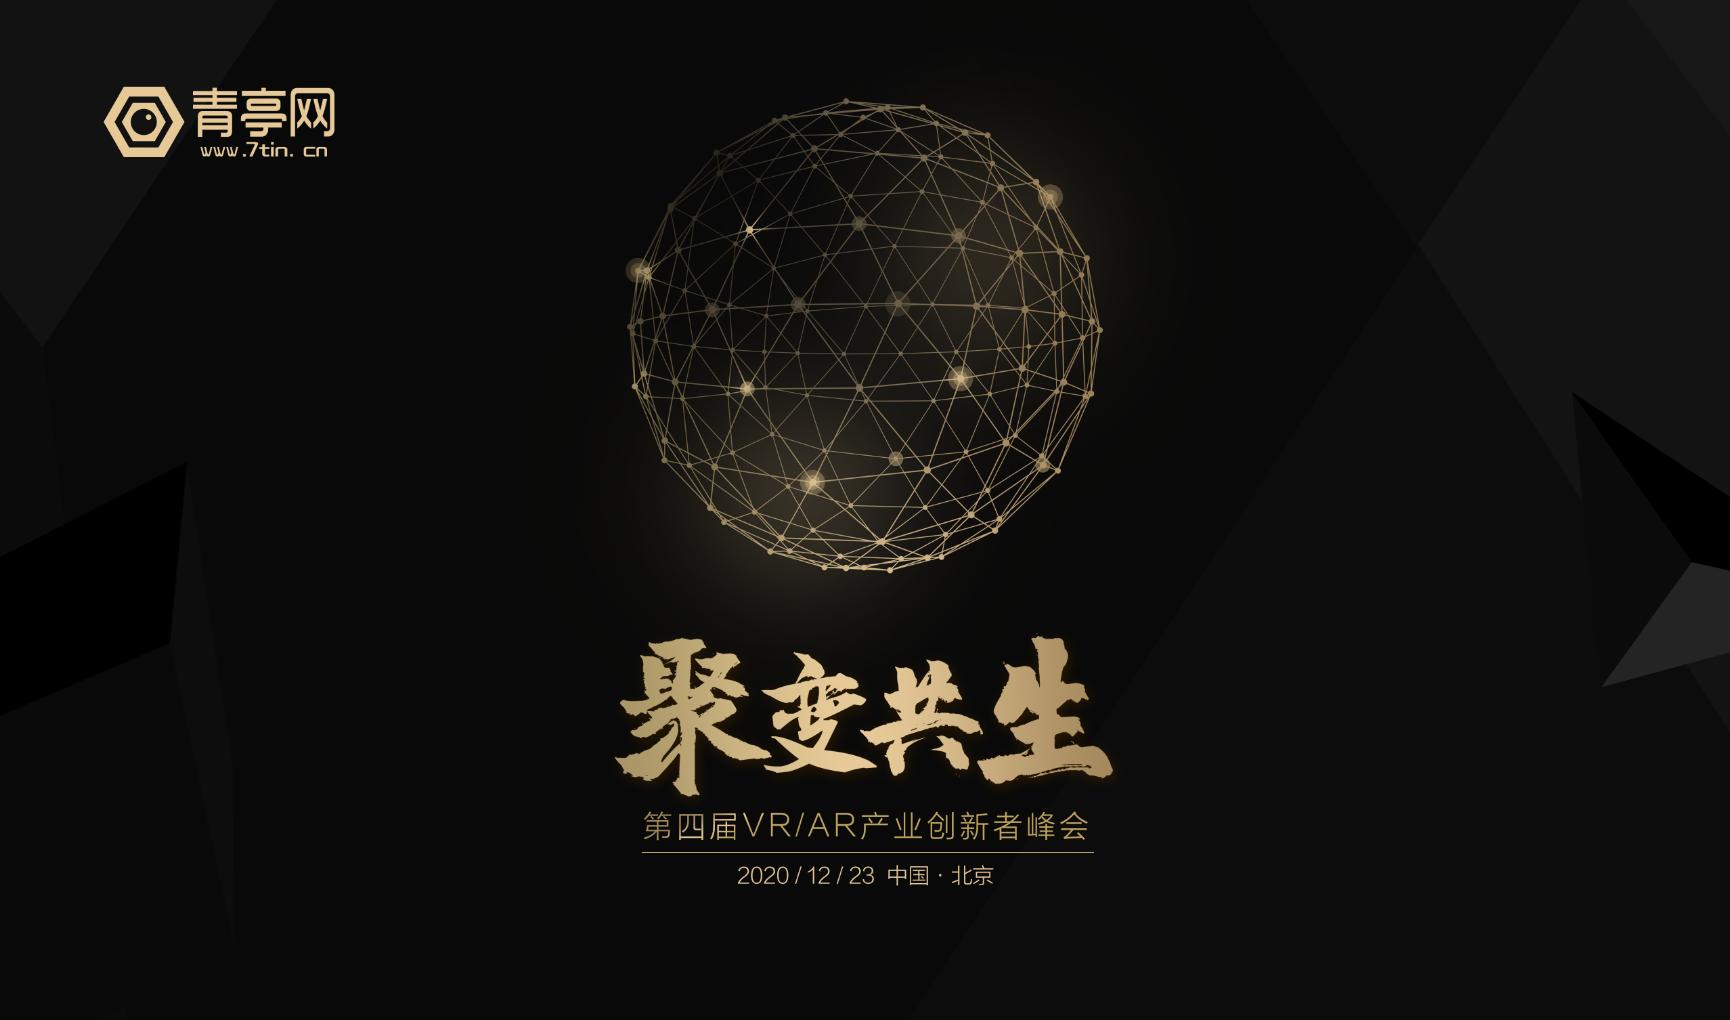 太平洋未来科技将在第四届青亭峰会带来AR文旅案例分享